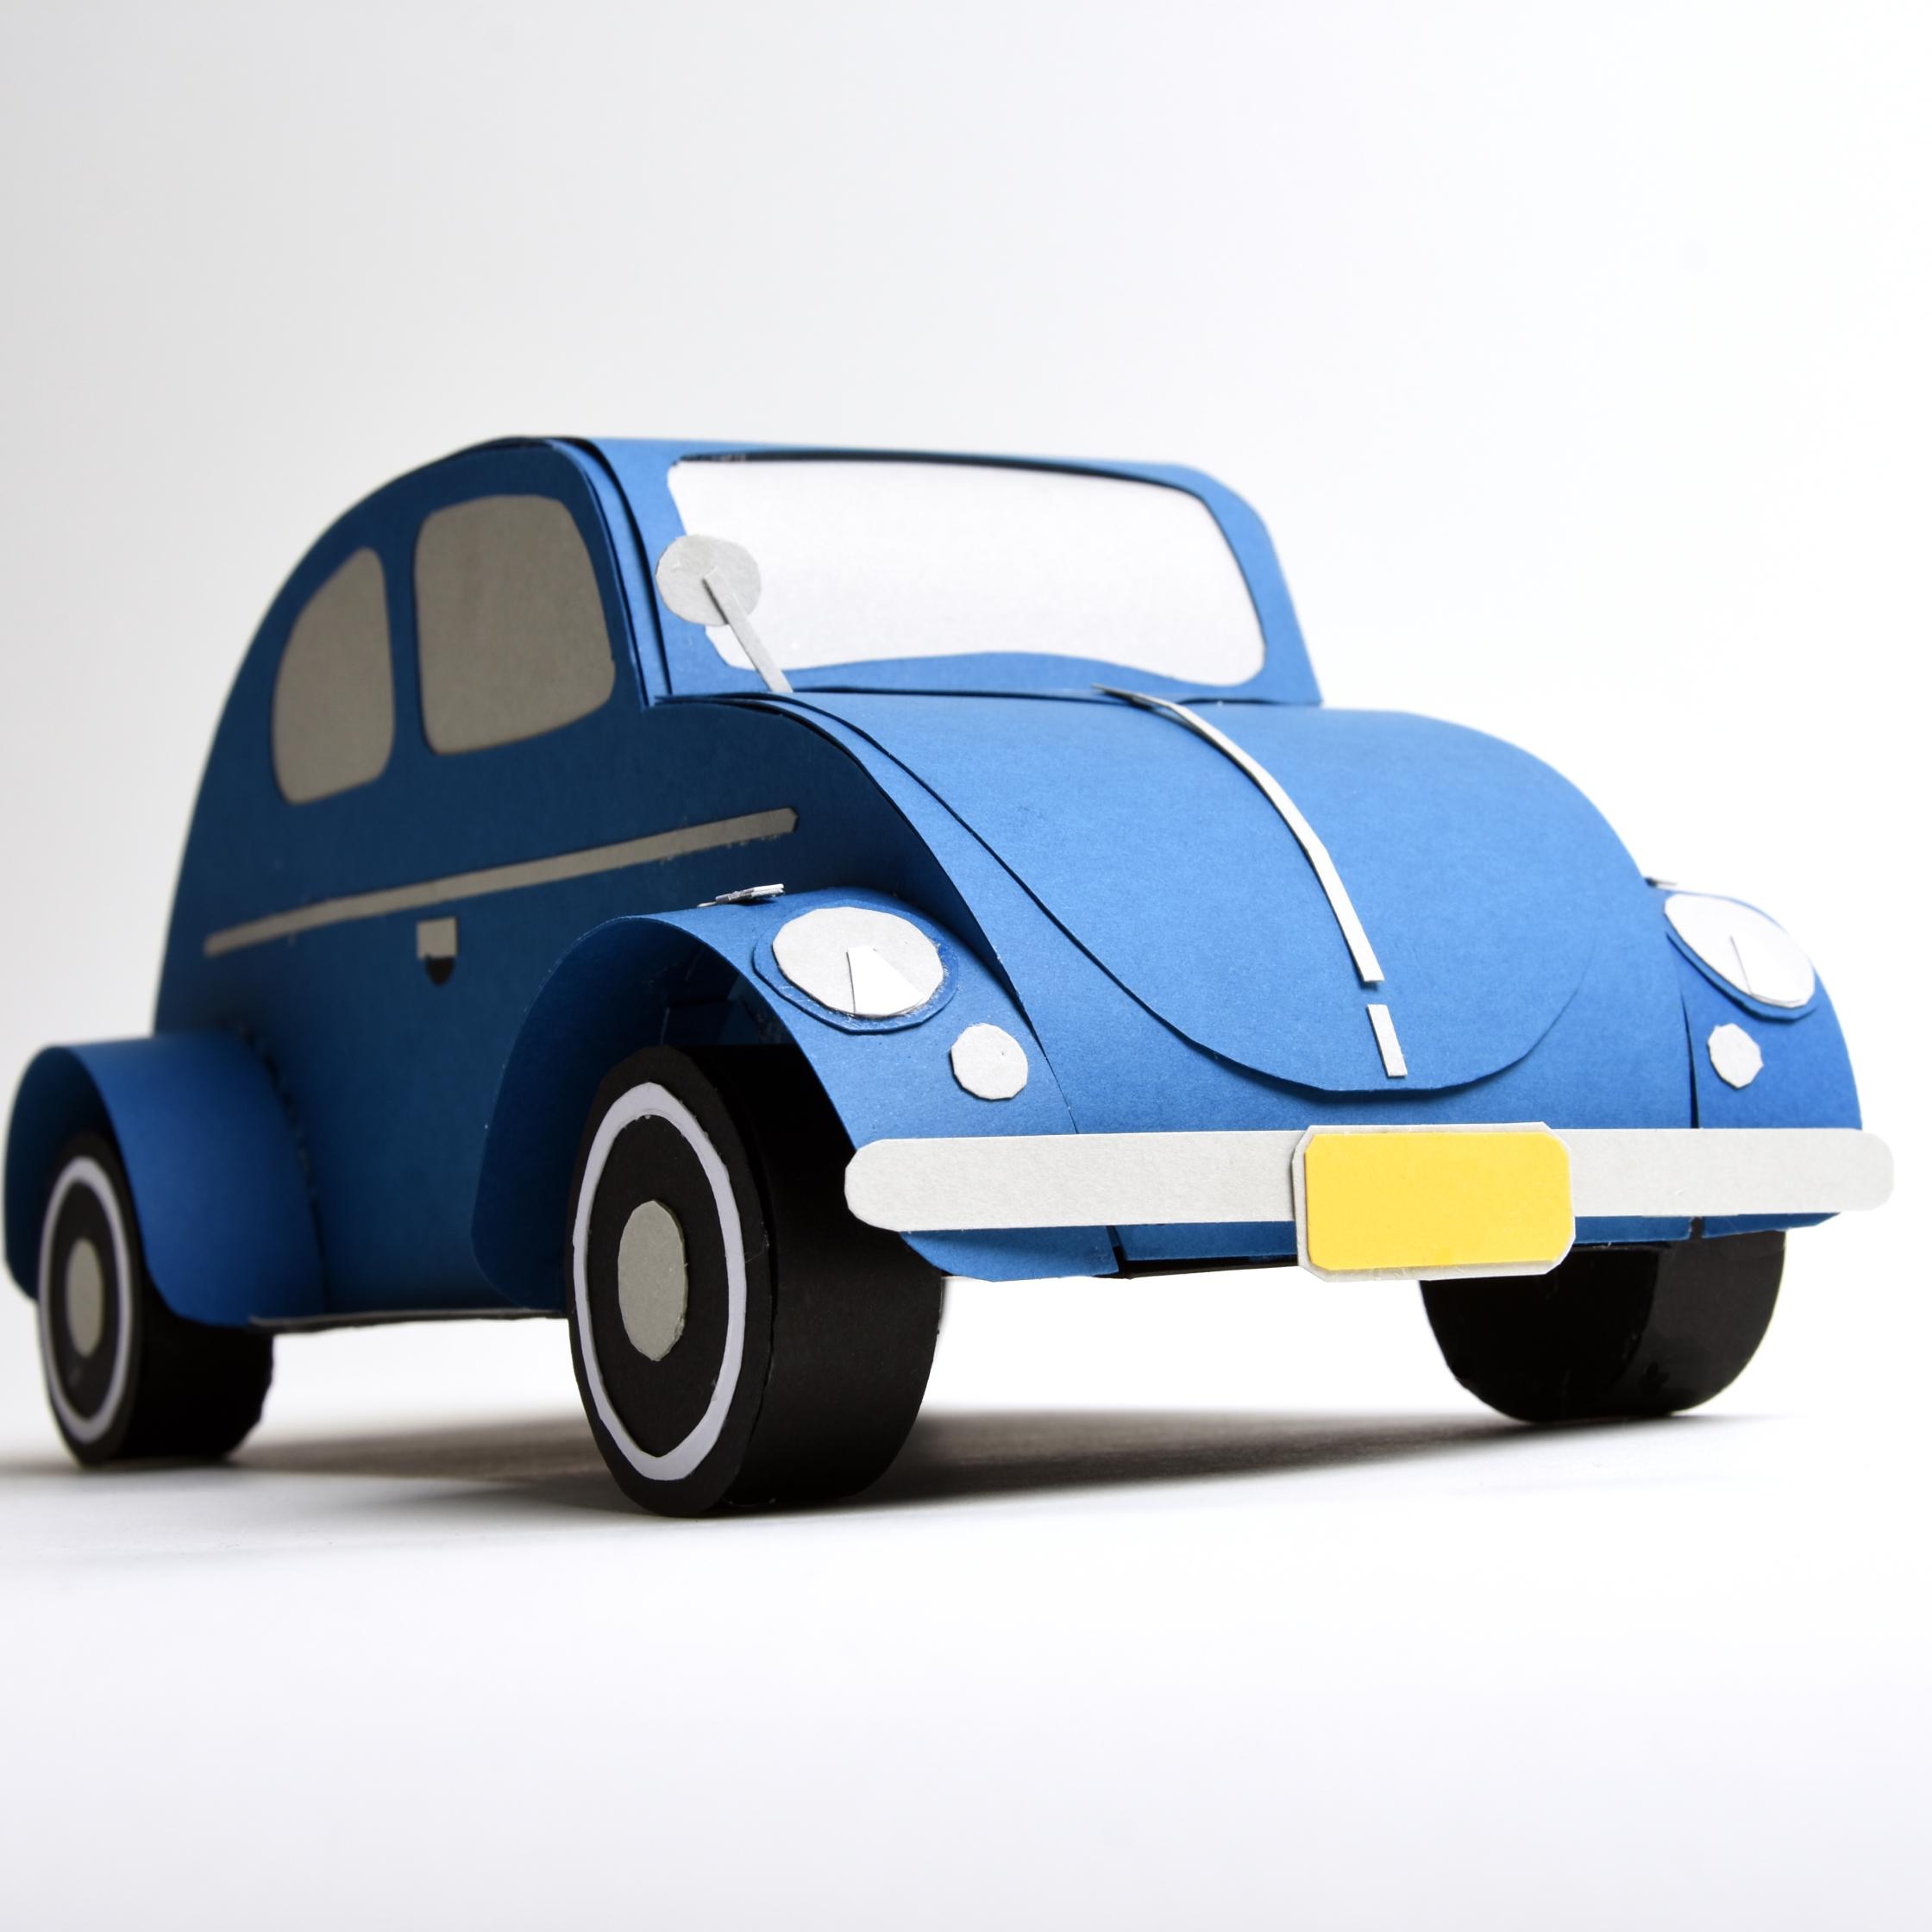 VW BEETLE.jpg